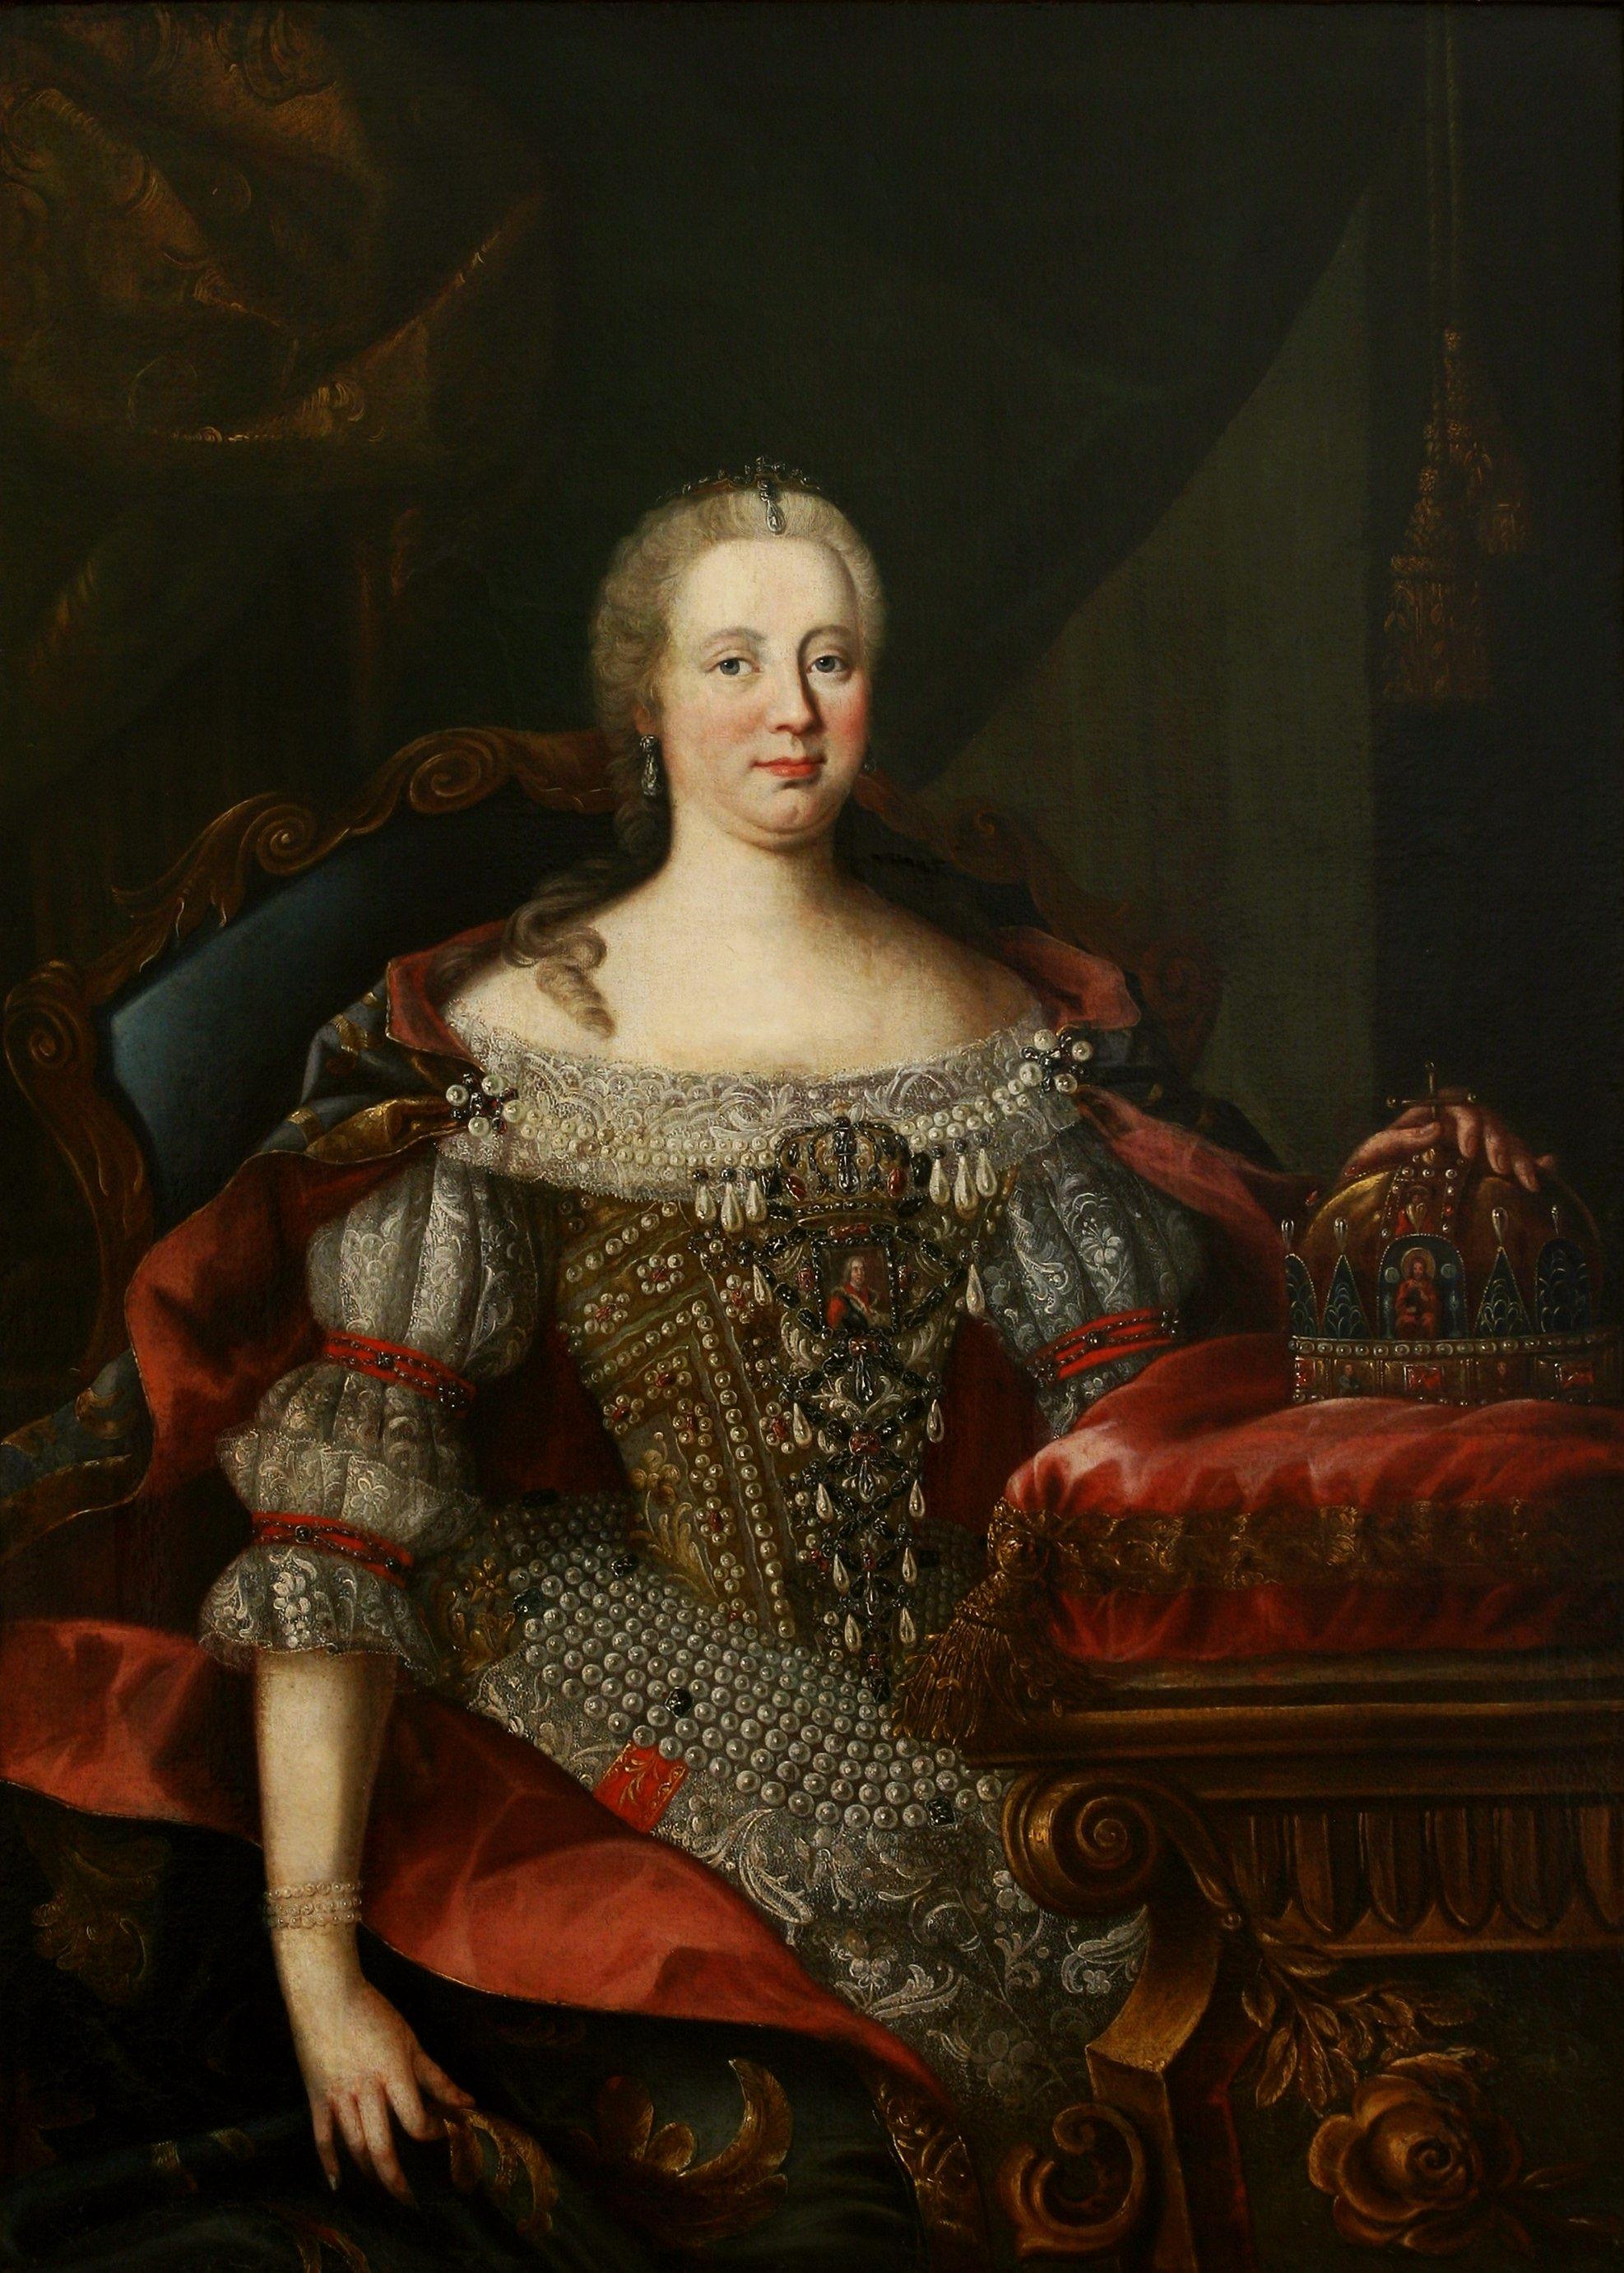 Empress Maria Theresa As Queen Of Hungary By Workshop Of Martin Van Meytens The Younger 1740s Pd Art Old Muzeu мария тереза женский портрет портрет женщины